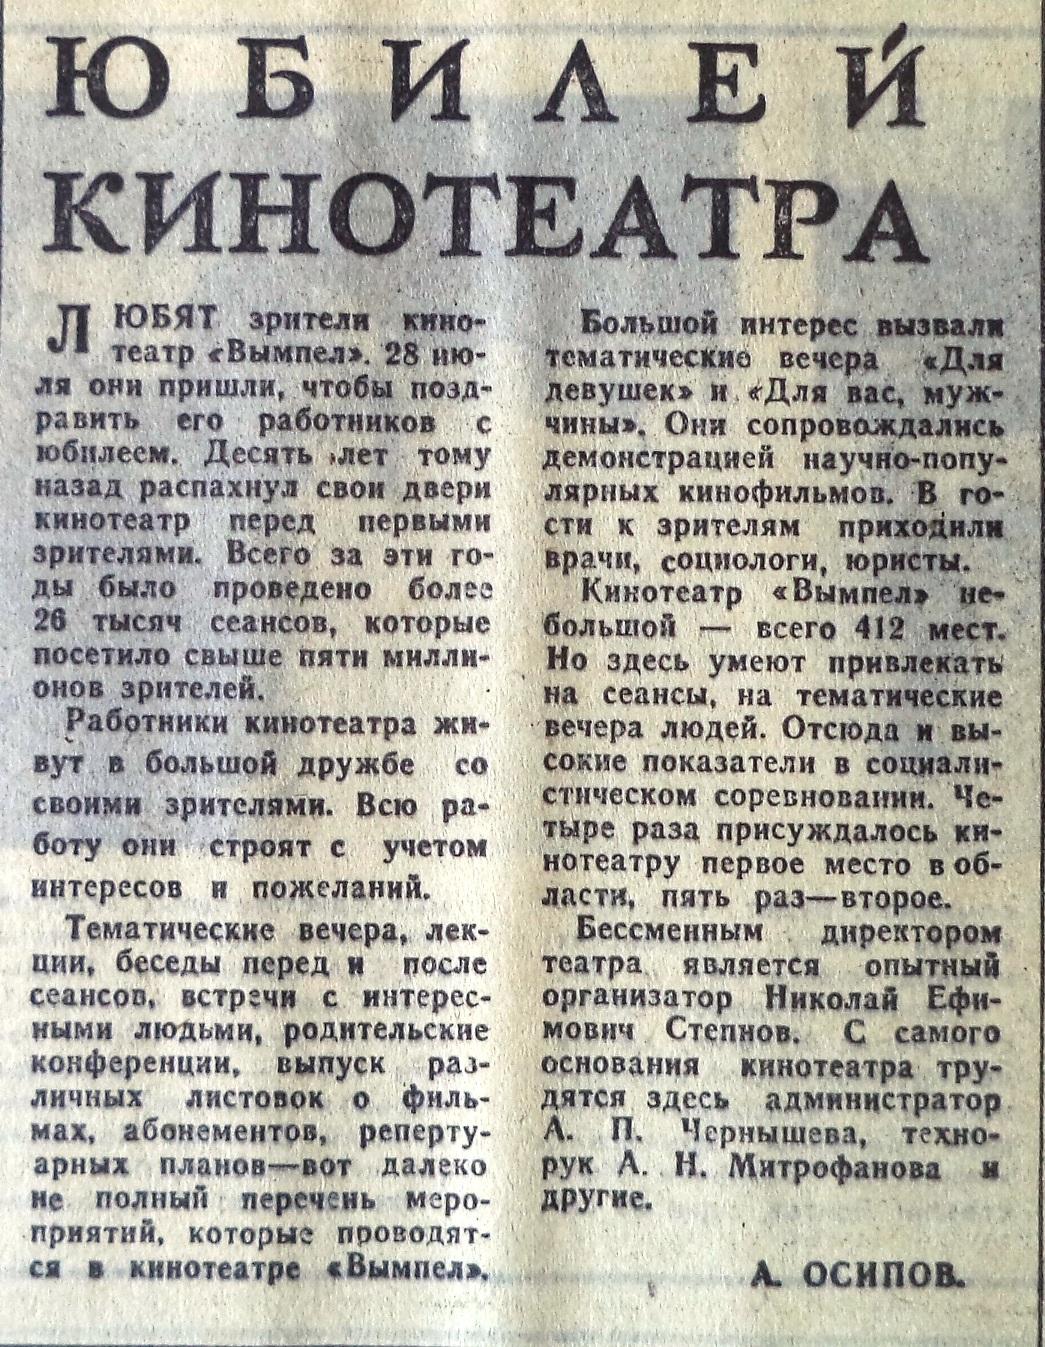 Революционная-ФОТО-23-ВЗя-1970-07-31-10 лет к-ру Вымпел